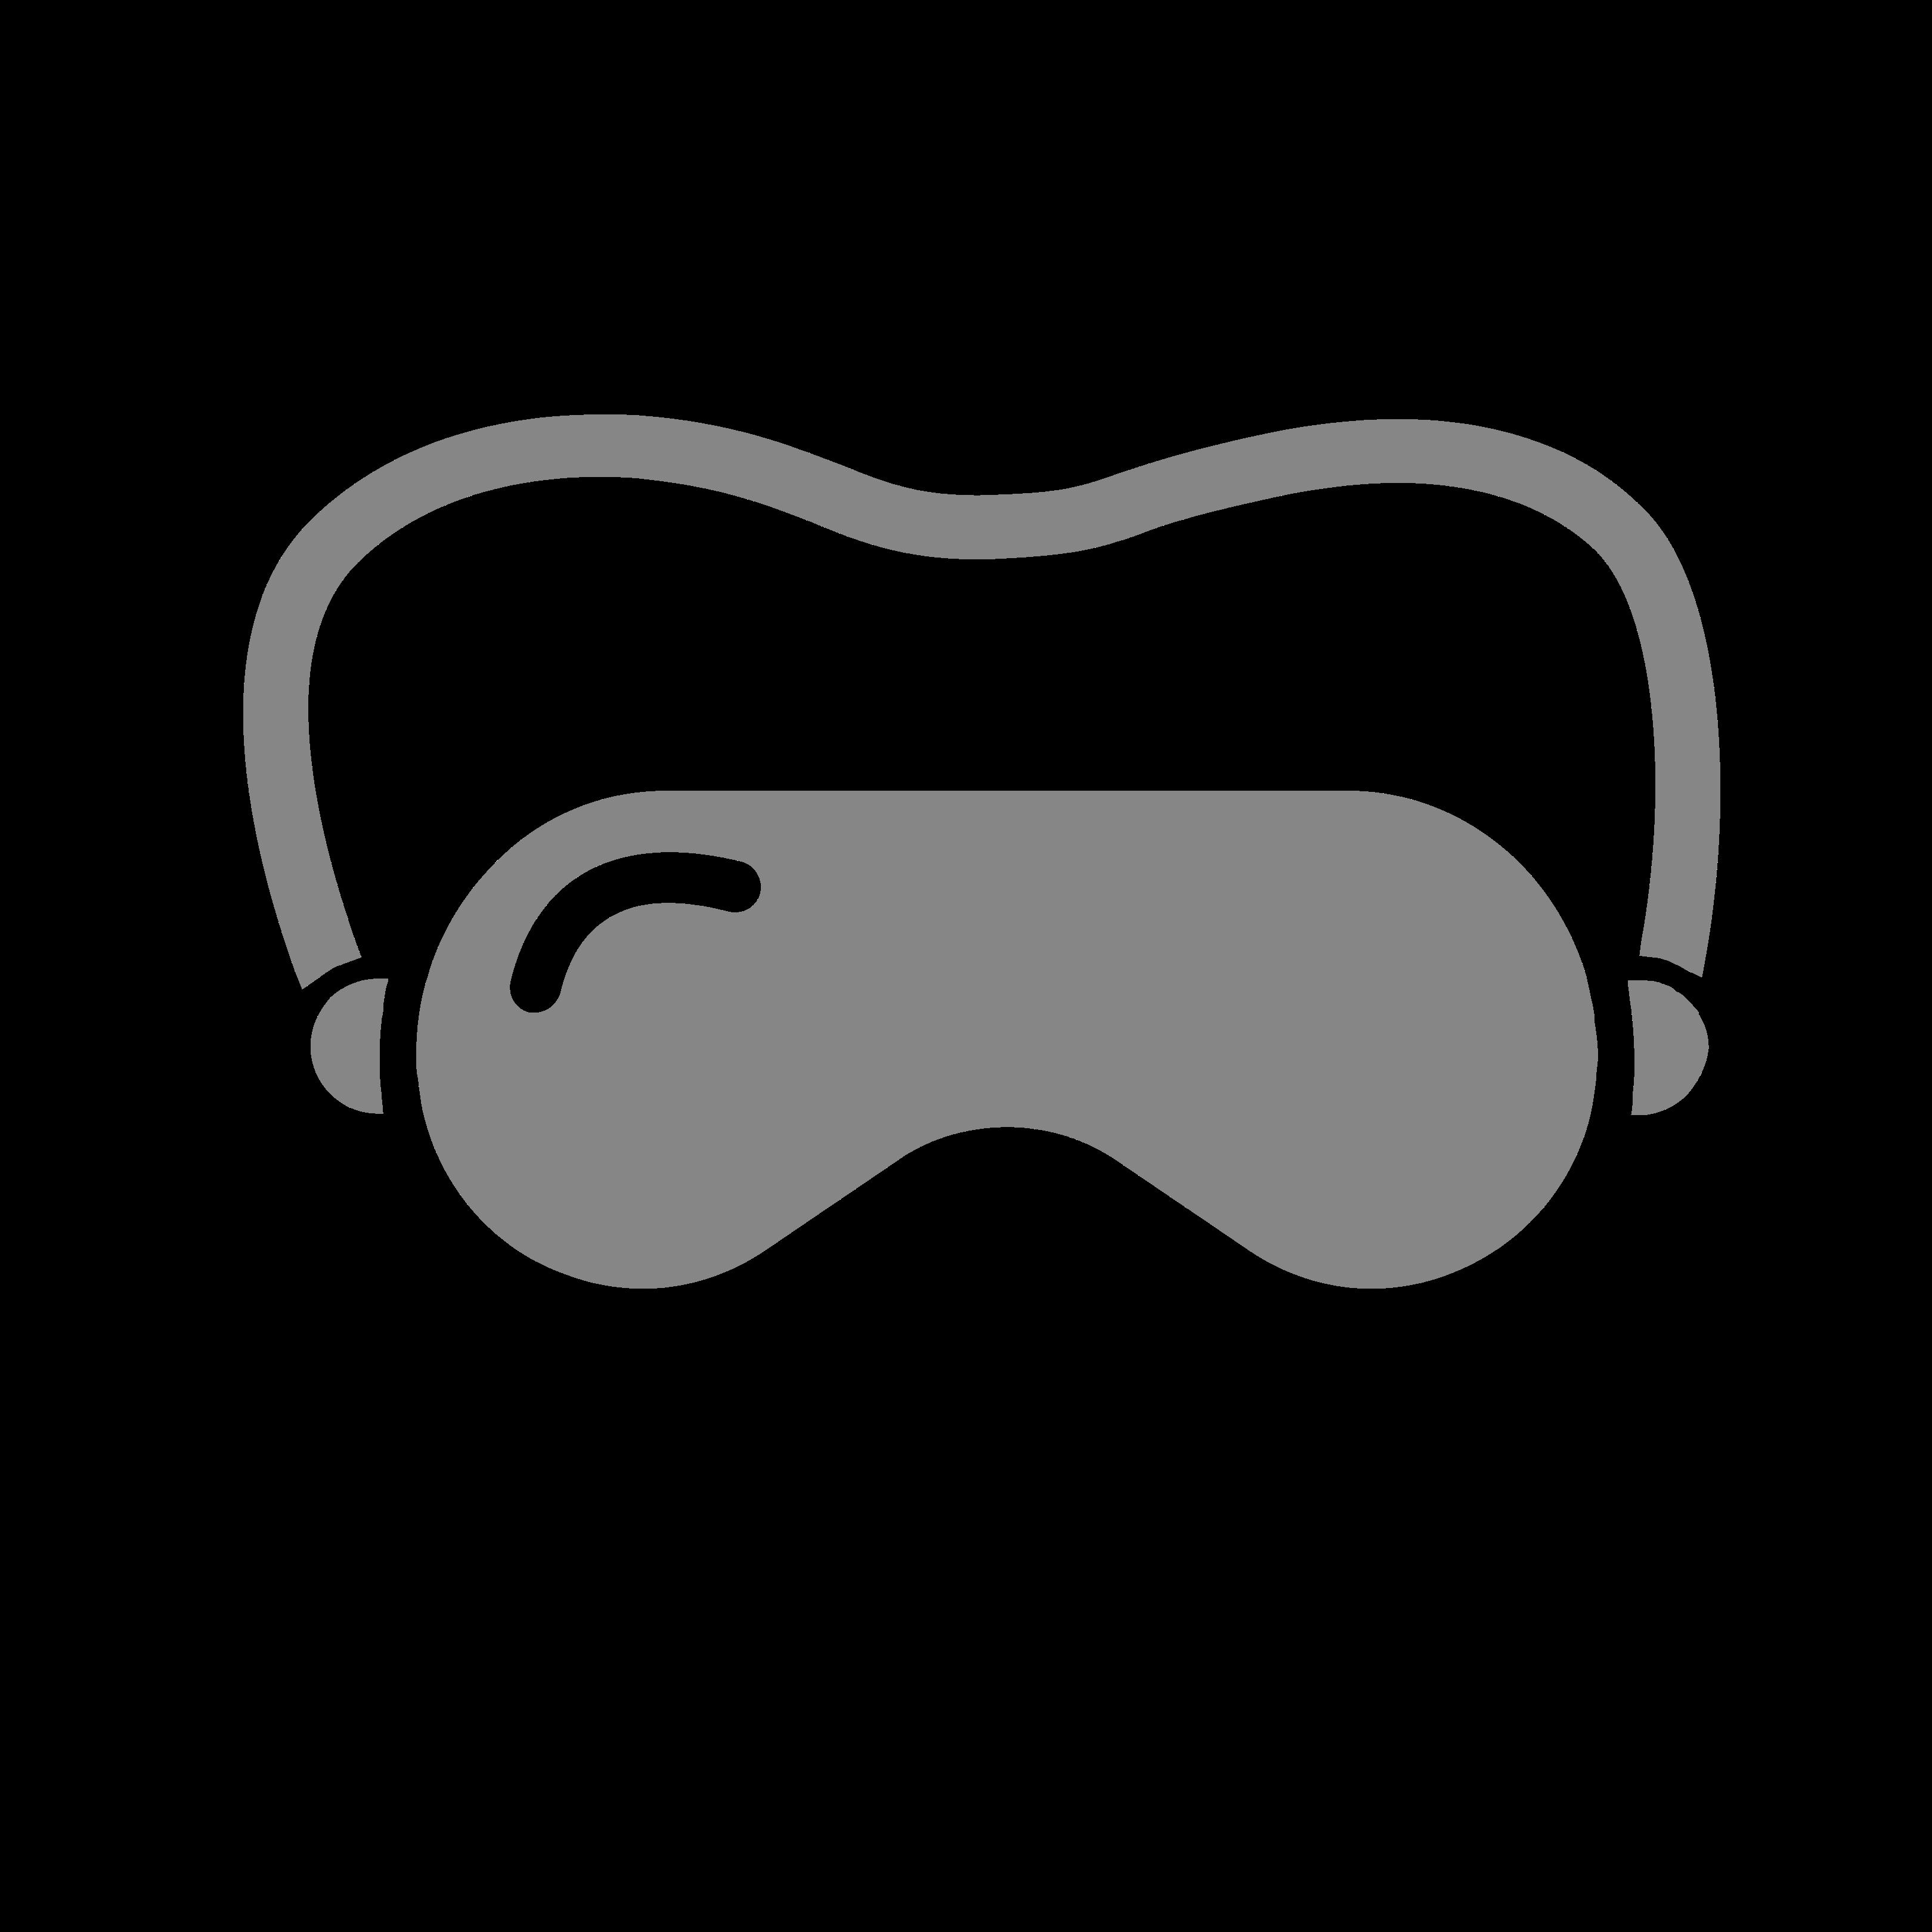 Monoista schweissen lernen Arbeitsschutz schutzbrille 1 -